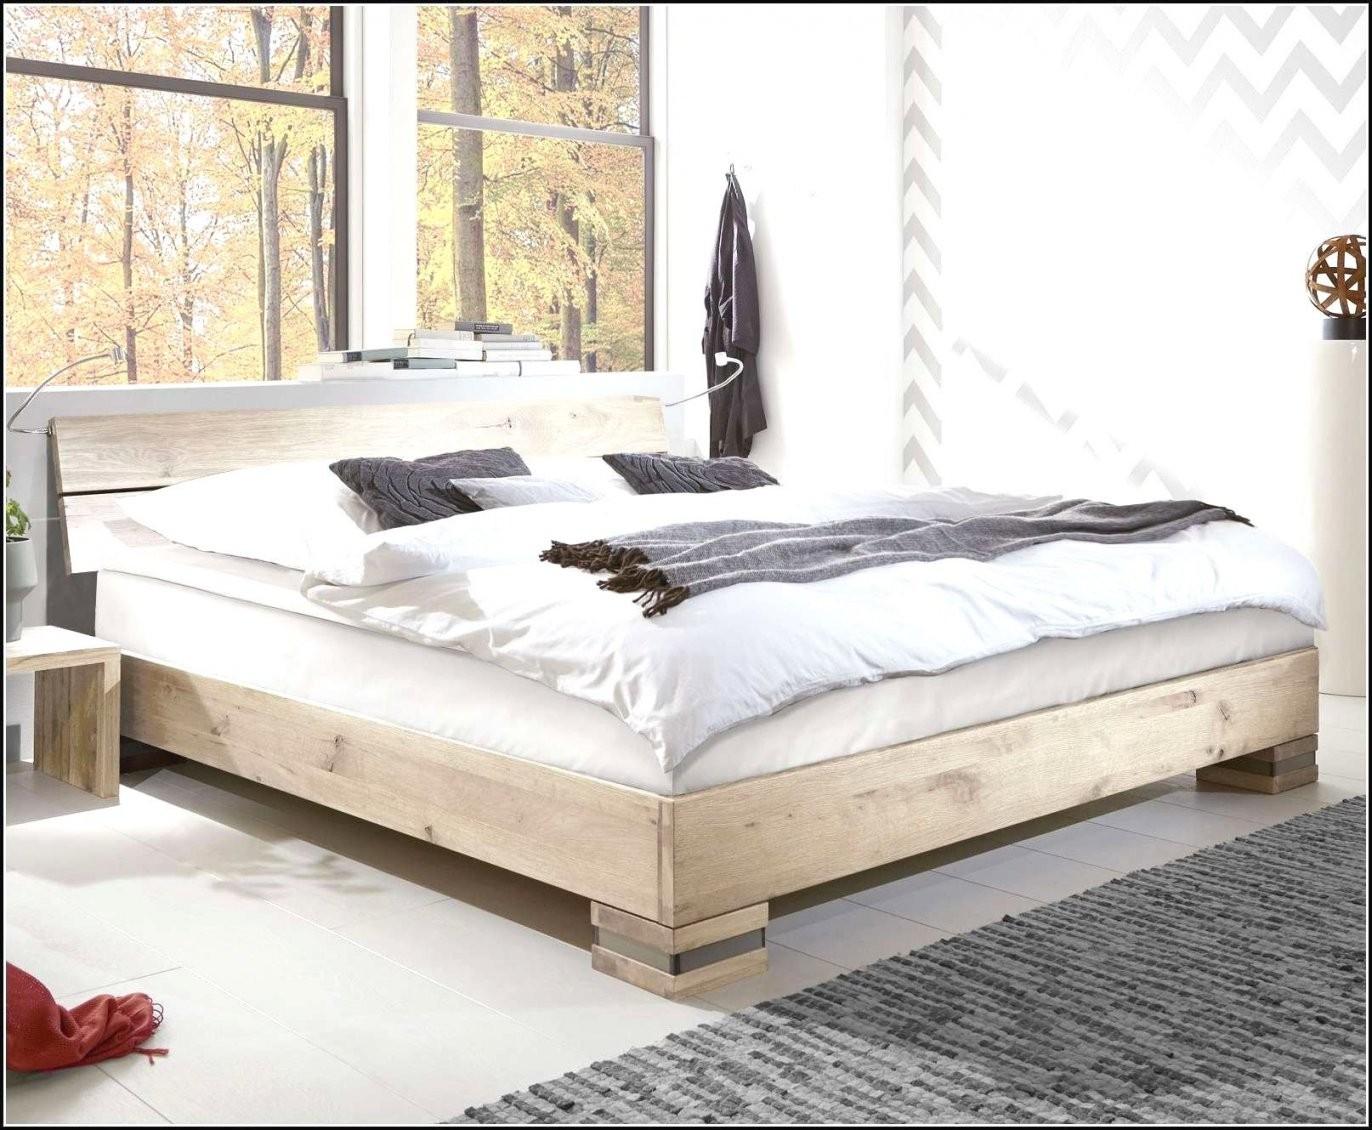 Matratzen Bei Roller Einzigartig Betten Komplett Mit Matratze Und von Betten Komplett Mit Matratze Und Lattenrost Photo